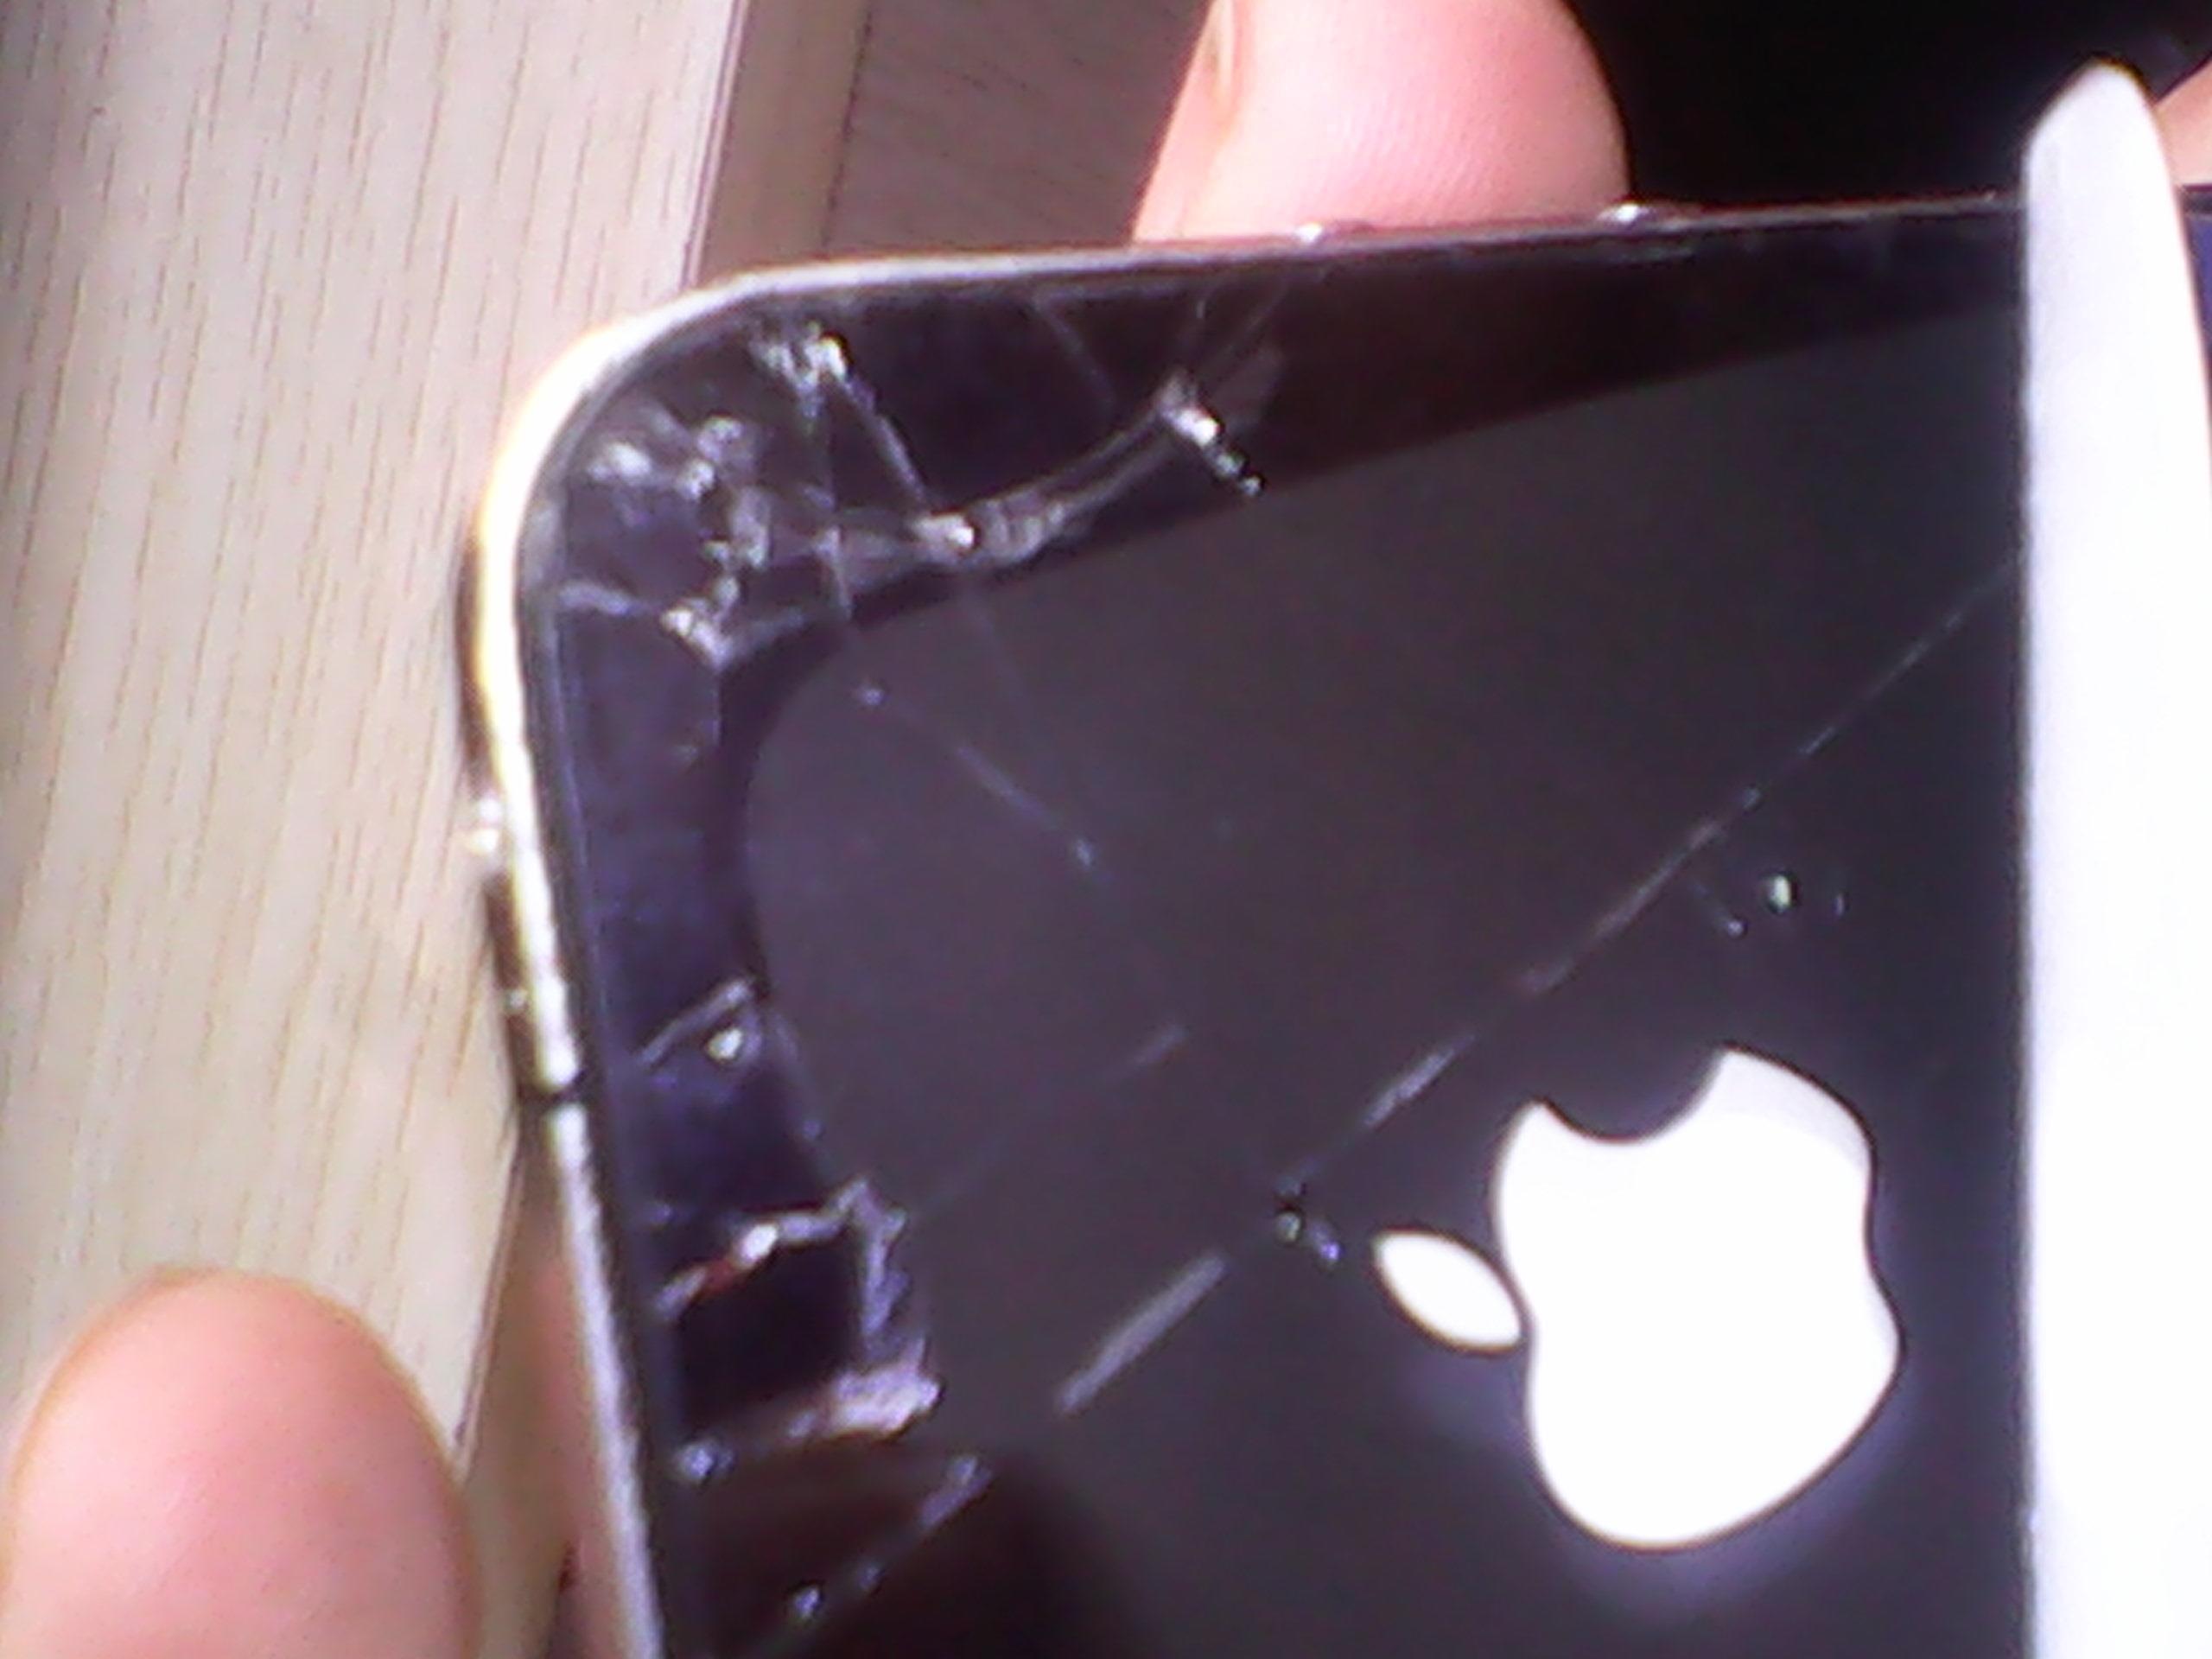 苹果5能换壳吗_苹果前盖和后盖都碎了,能换吗?_百度知道